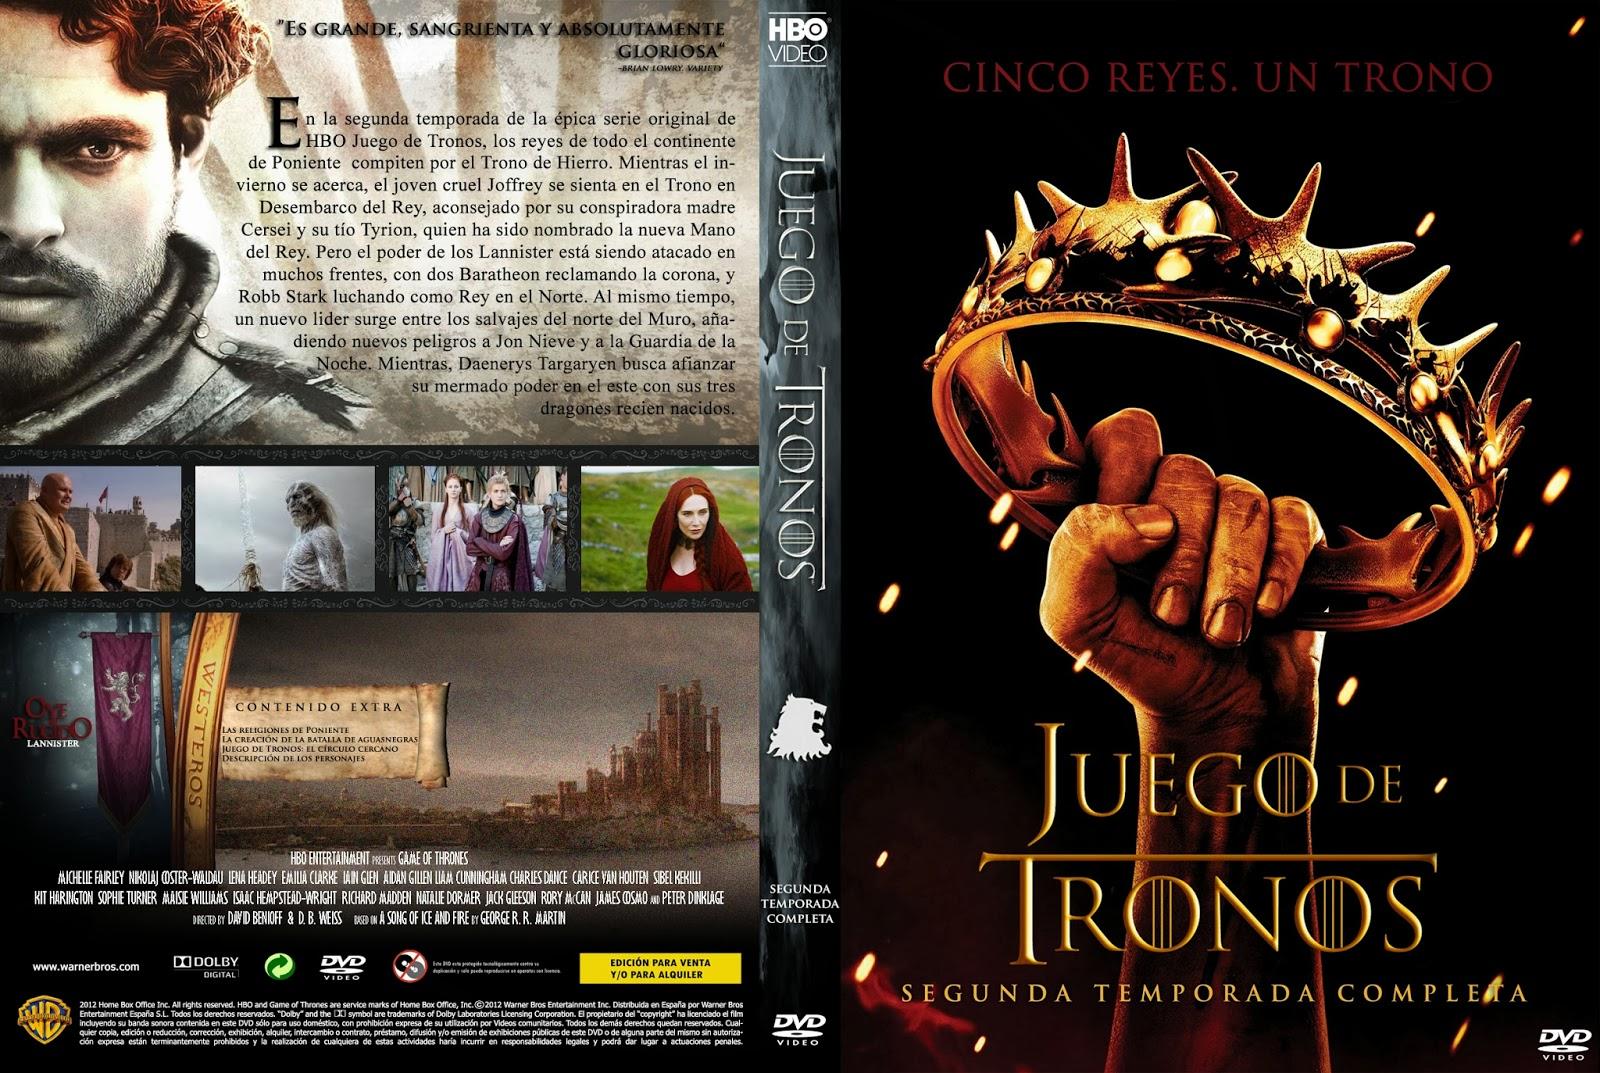 juego de tronos 2x08 latino dating